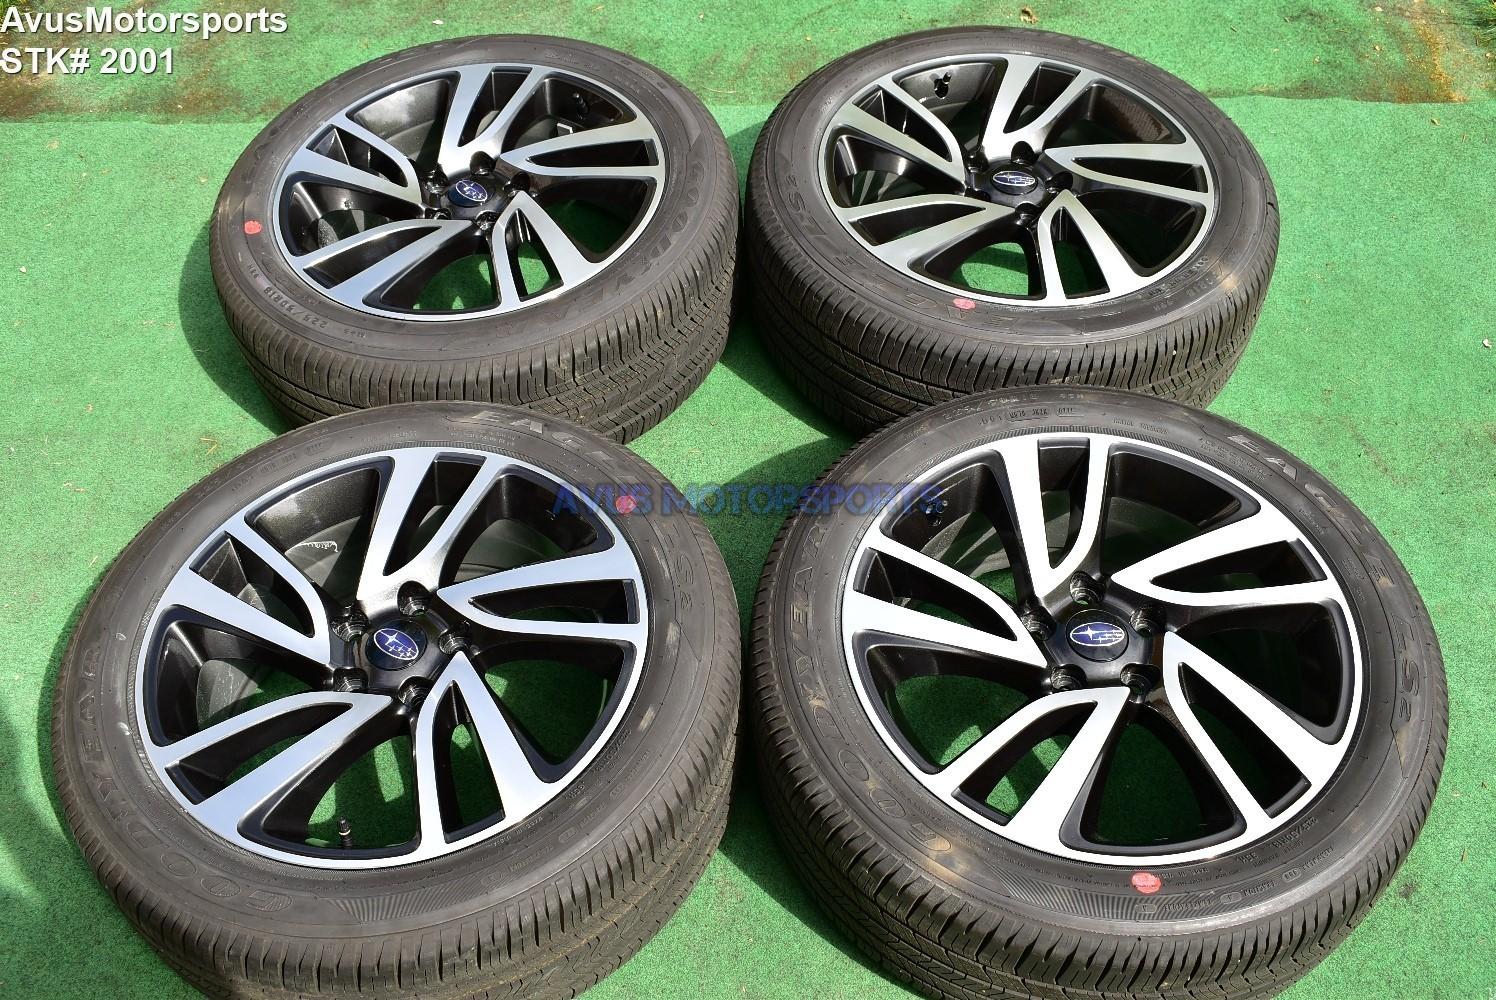 subaru legacy sport oem 18 factory wheels tires 225 50r18 2019 2016 2017 2018 subaru legacy sport oem 18 factory wheels tires 225 50r18 2019 2016 2017 2018